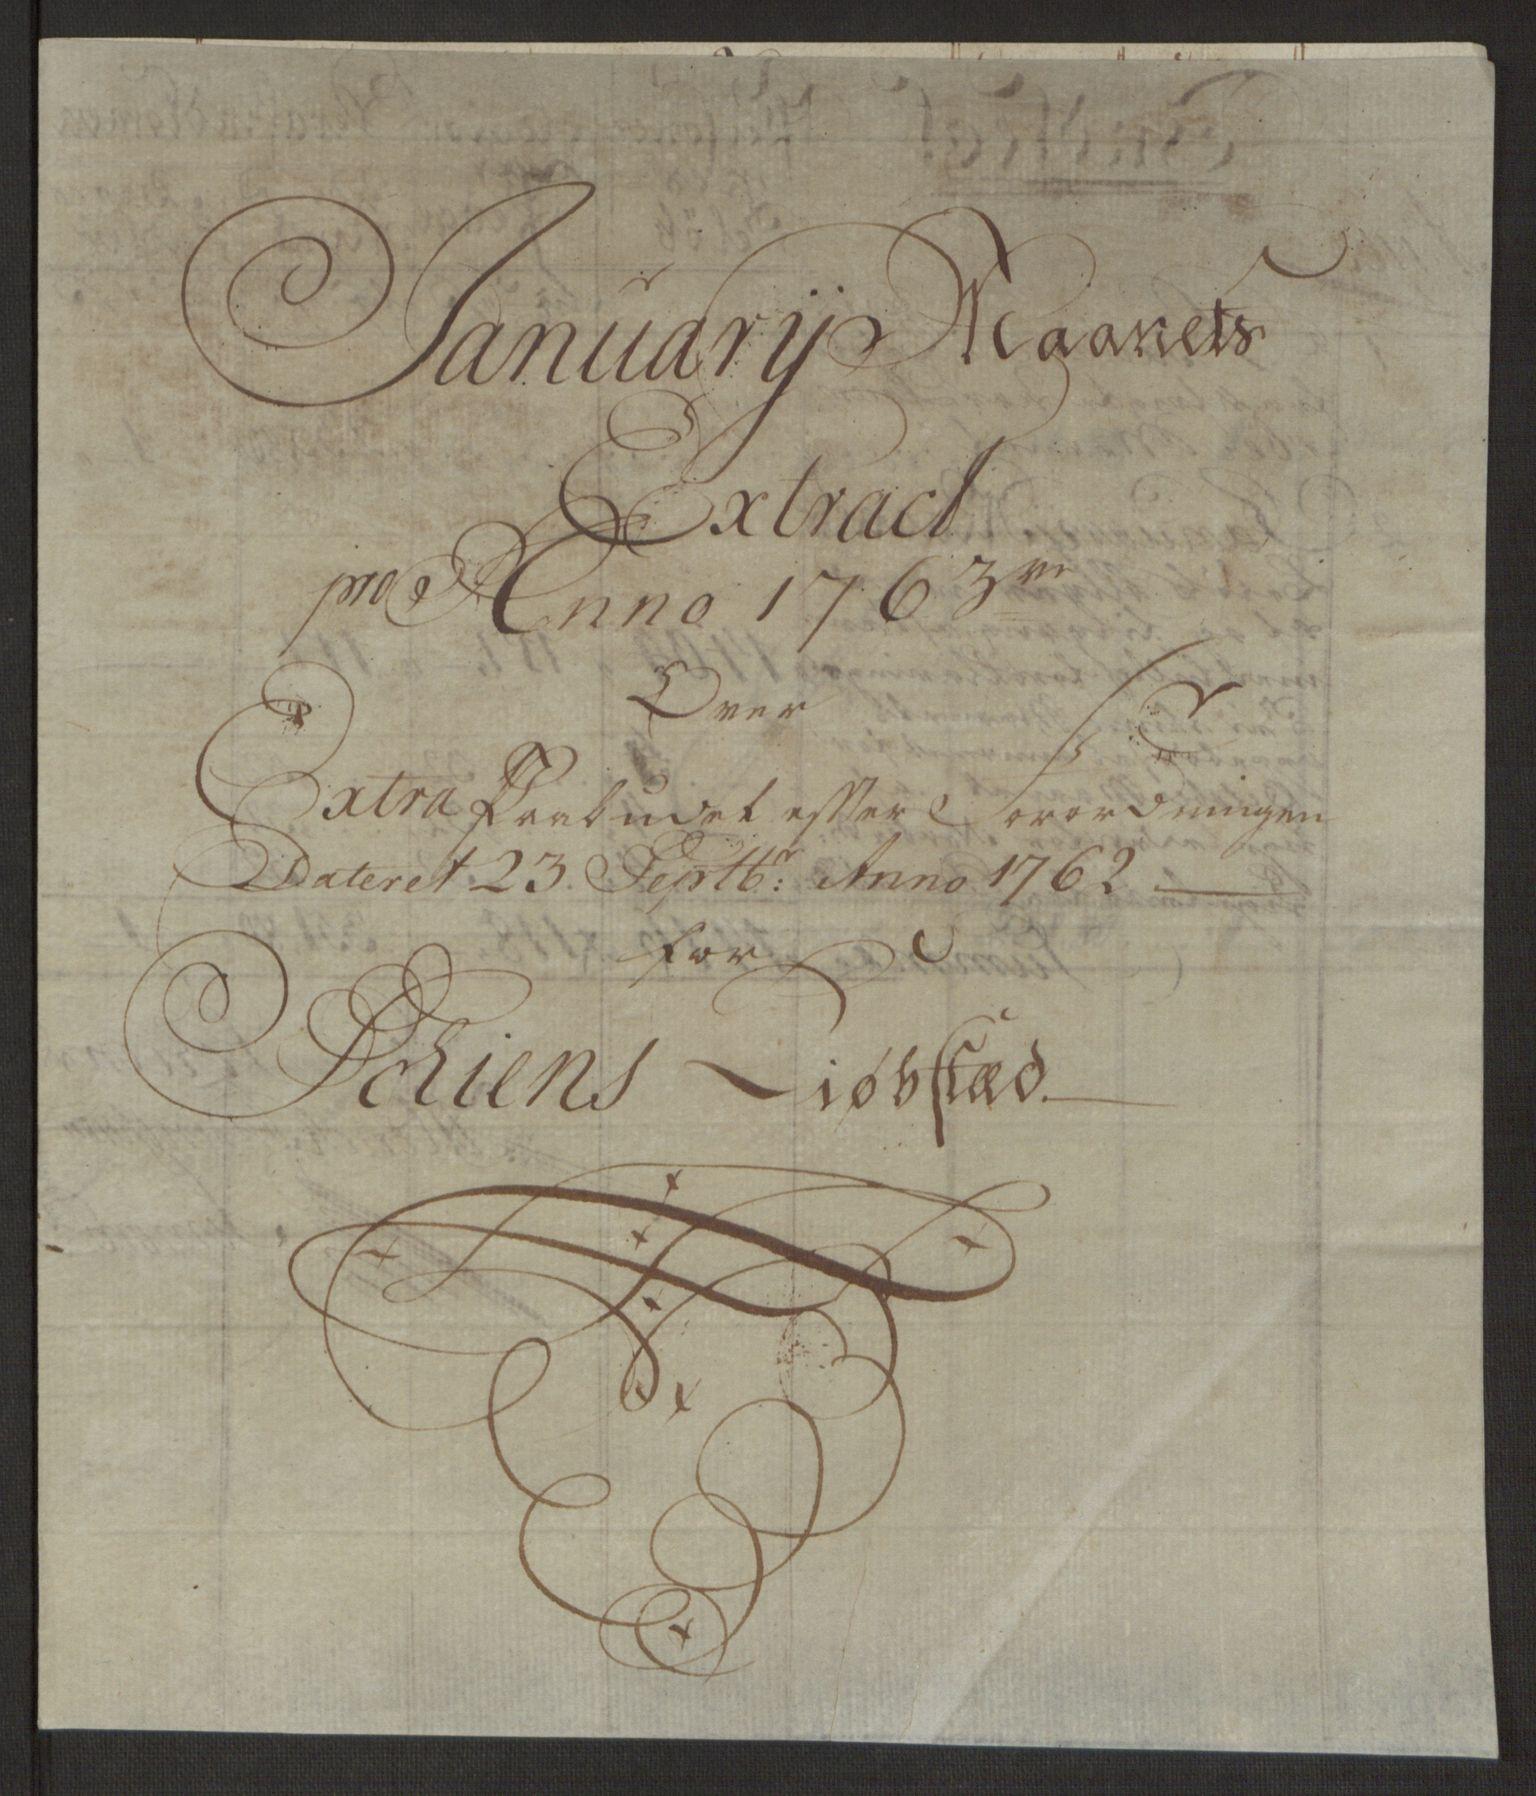 RA, Rentekammeret inntil 1814, Reviderte regnskaper, Byregnskaper, R/Rj/L0198: [J4] Kontribusjonsregnskap, 1762-1768, s. 110